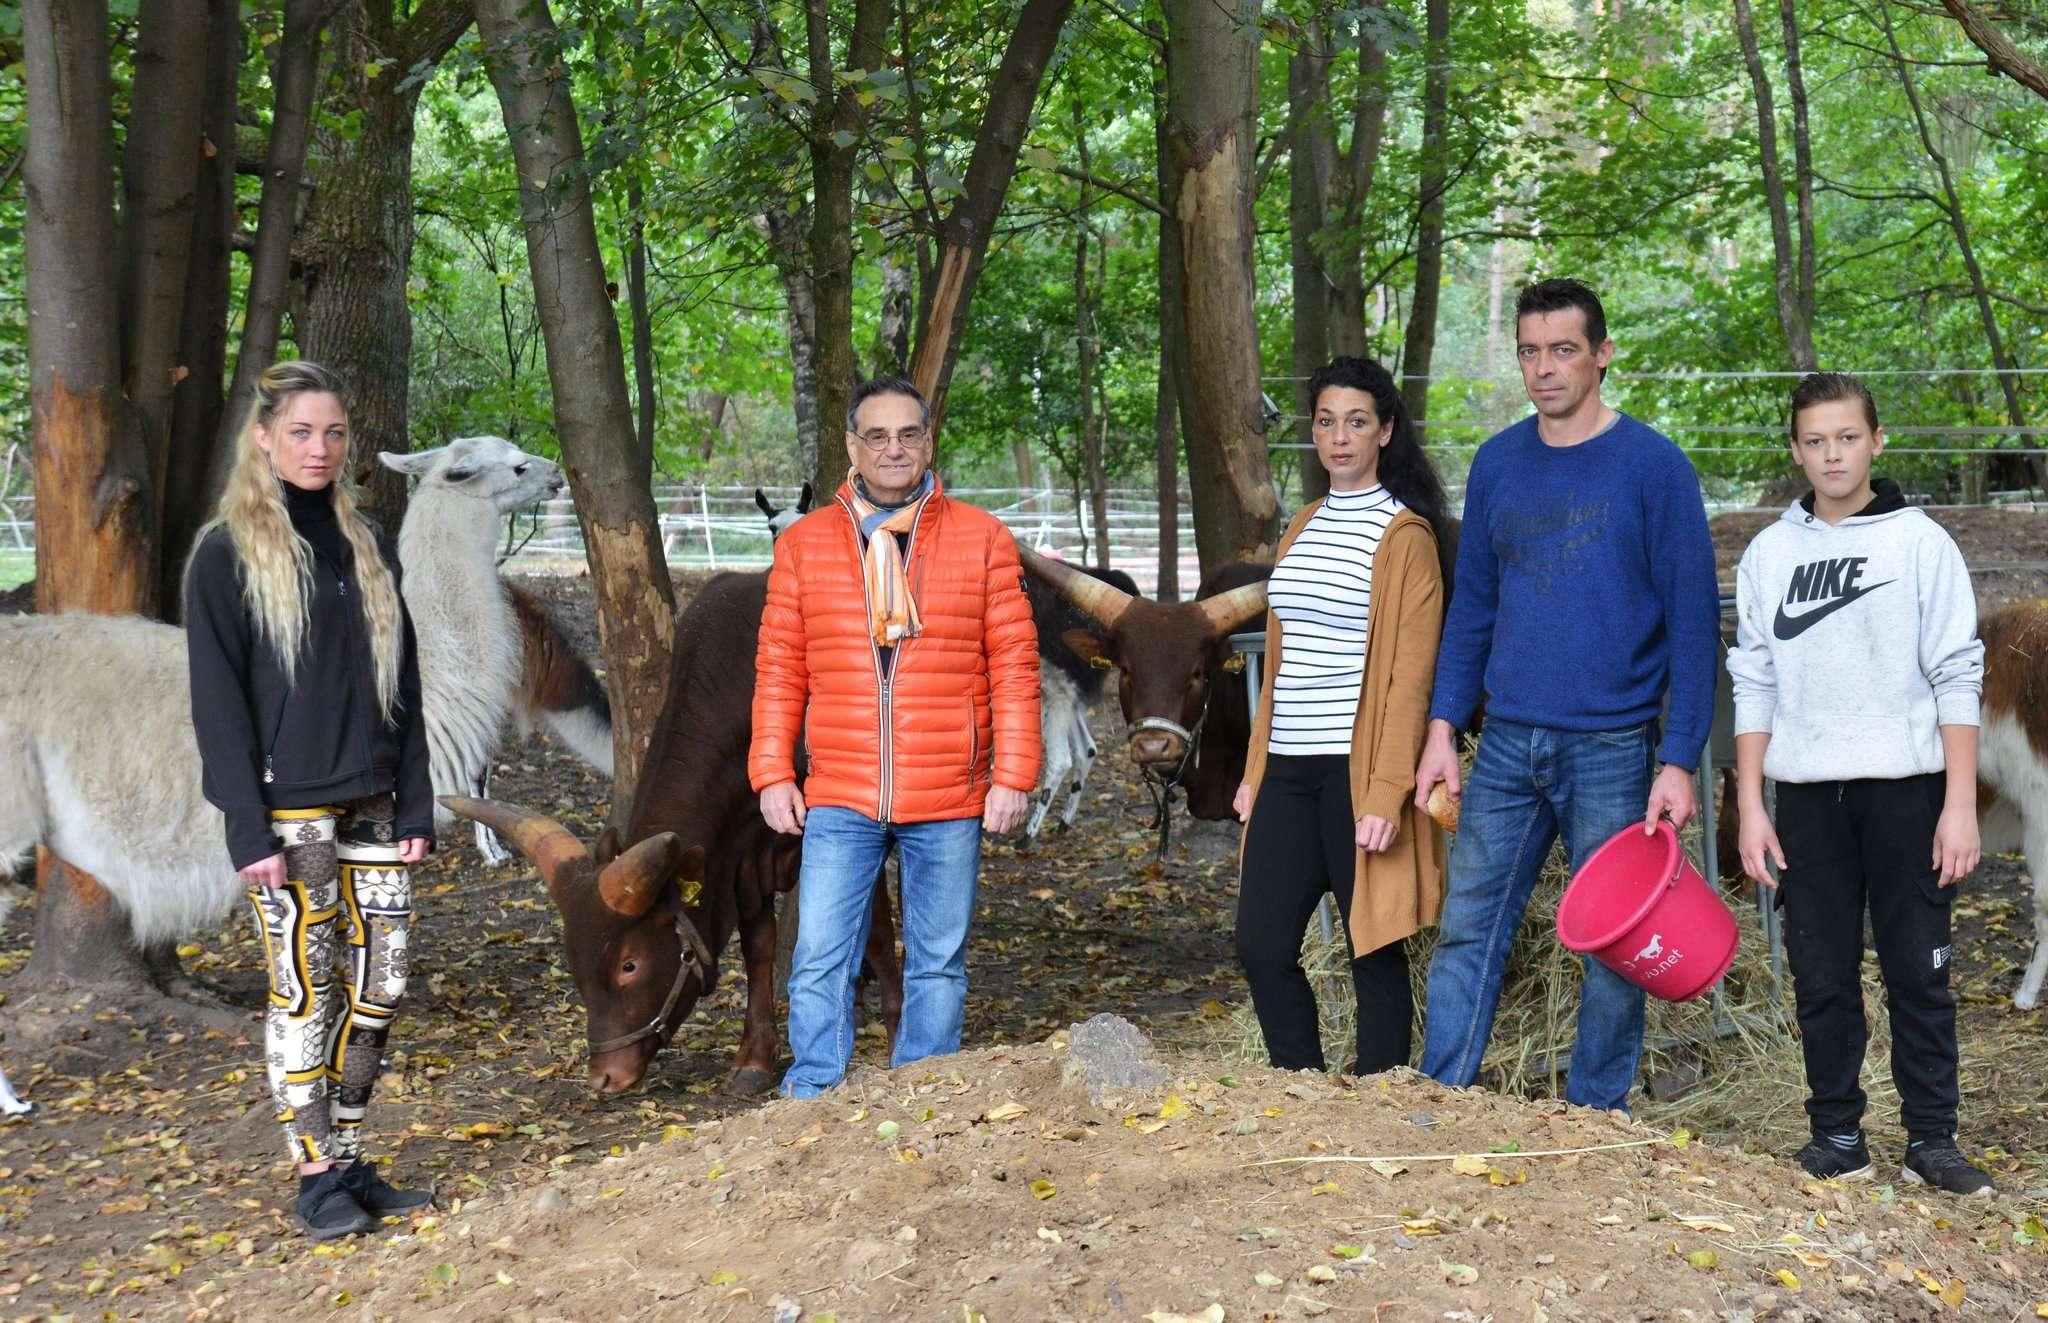 Jasmin May (von links), Hans-Jürgen Schnellrieder, Tamara May, Nino May, Anton May hoffen auf Spenden für das Futter der Zirkustiere. Foto: Klaus-Dieter Plage